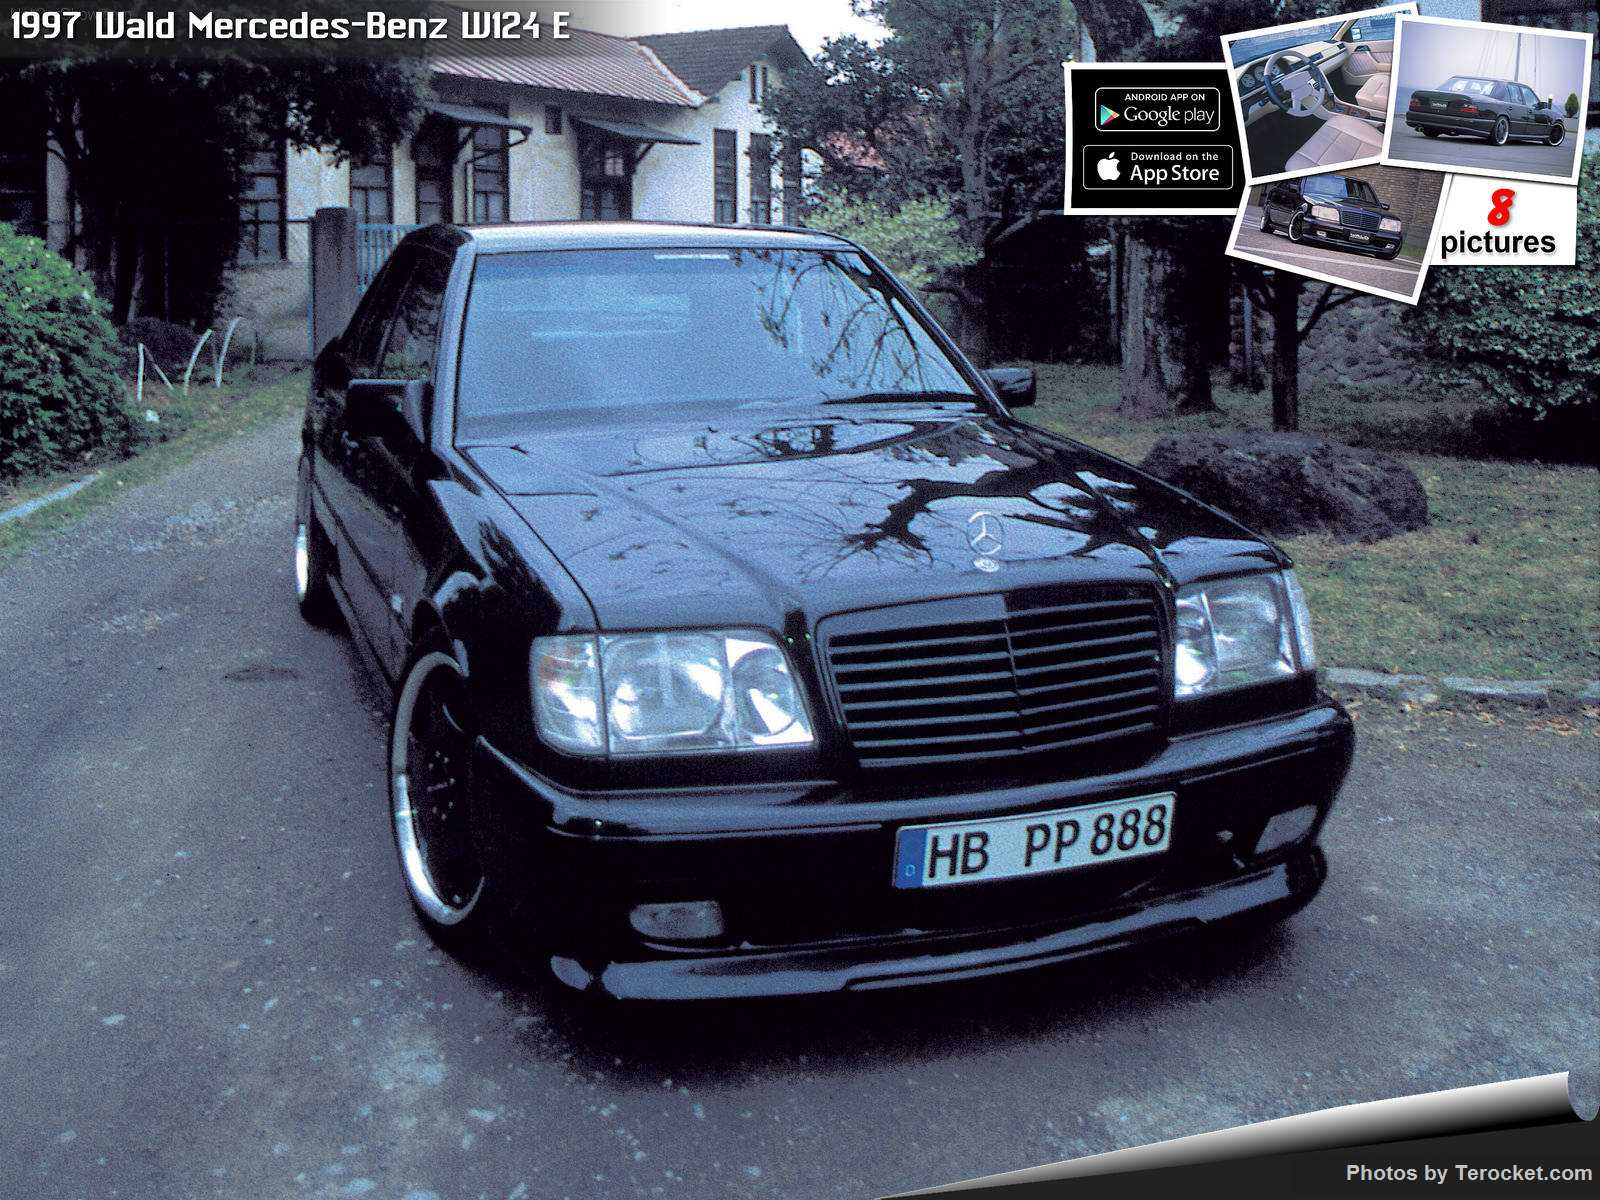 Hình ảnh xe độ Wald Mercedes-Benz W124 E 1997 & nội ngoại thất